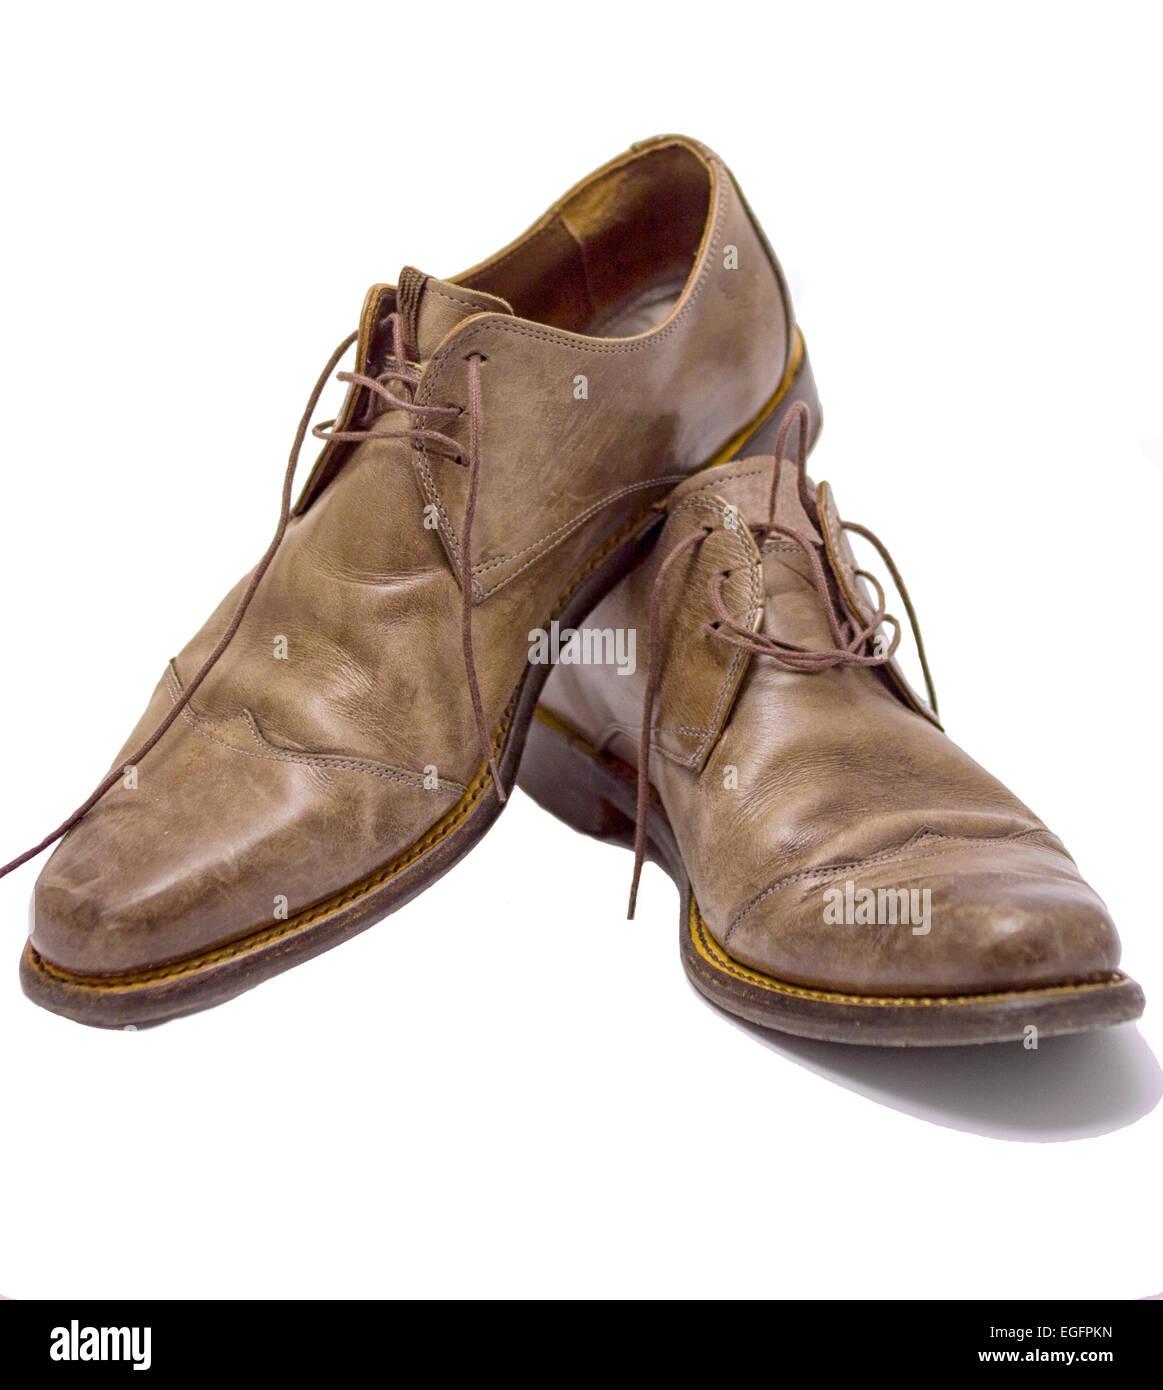 Moderne braune Lederschuhe für Männer isoliert auf weiss Stockfoto ... 2a7c14fbec